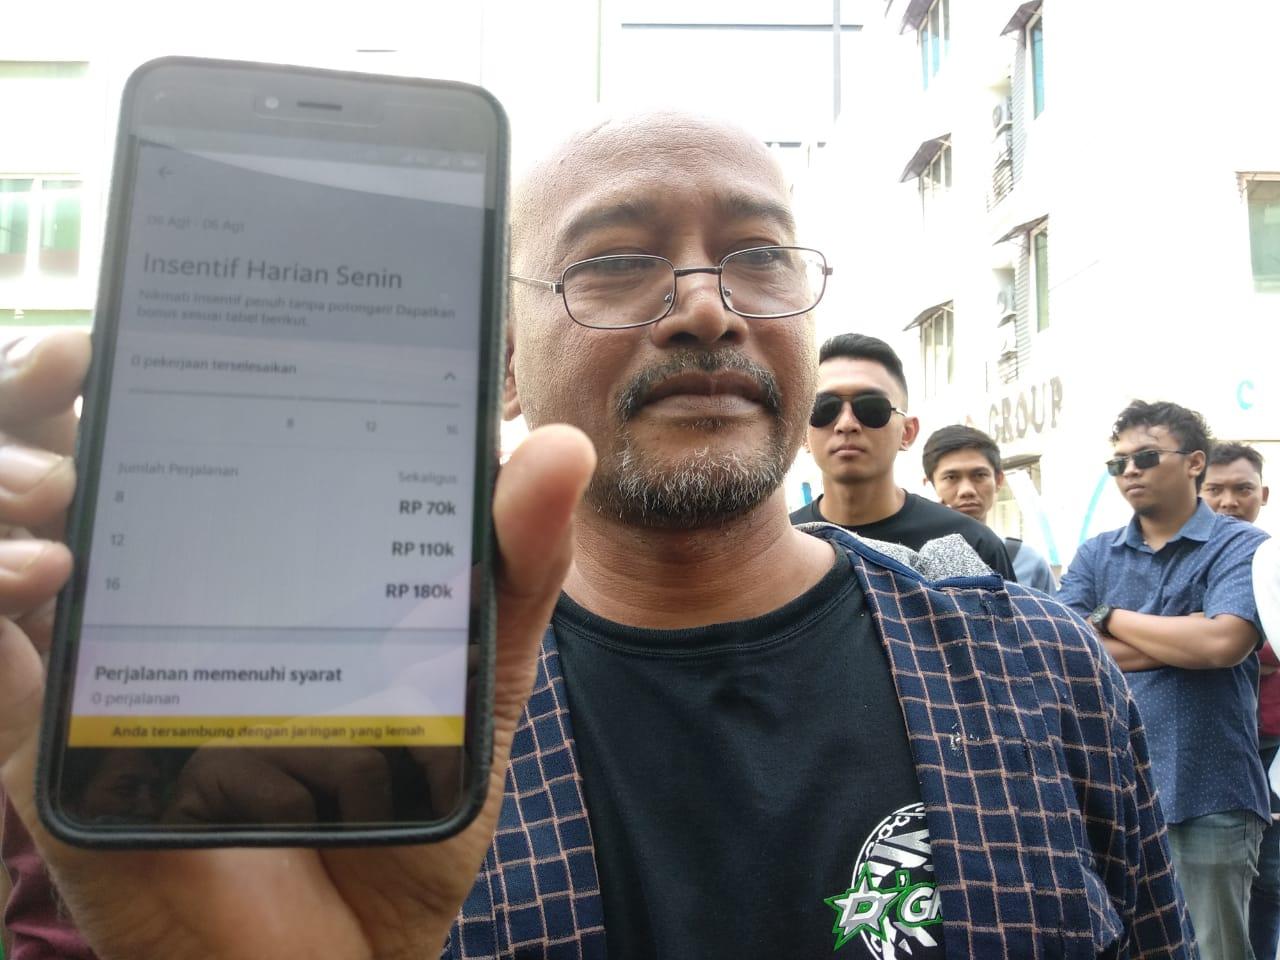 Dedi, koordinator Grab, saat menunjukan intensif yang turun kepada Pojokjabar.com. foto: Alwi